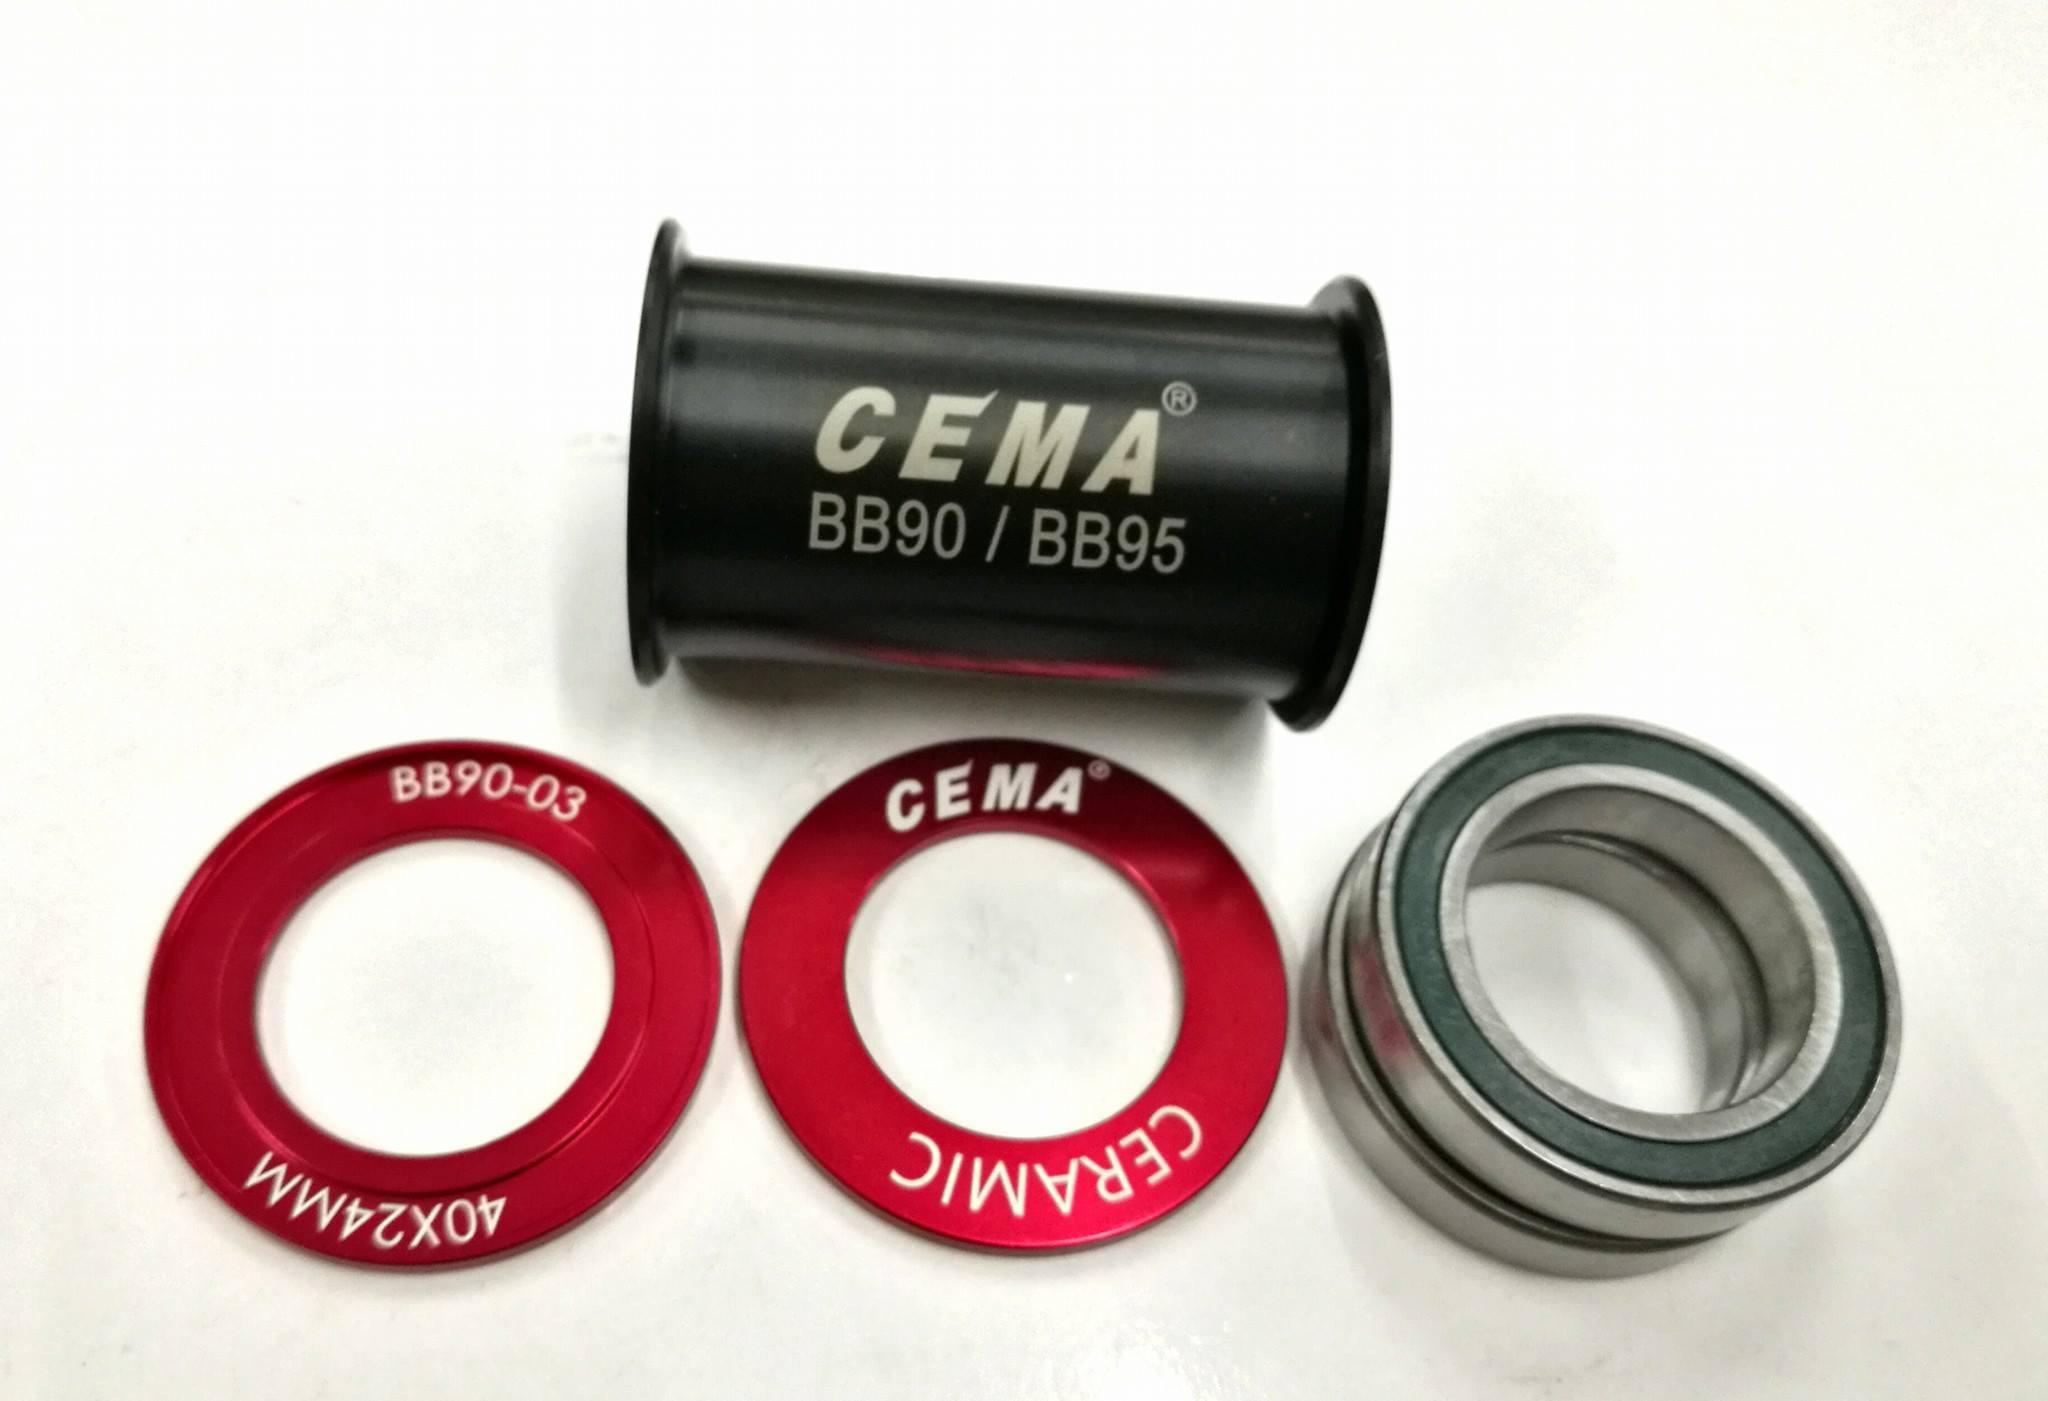 Cema กะโหลกเซรามิก BB90-BB95